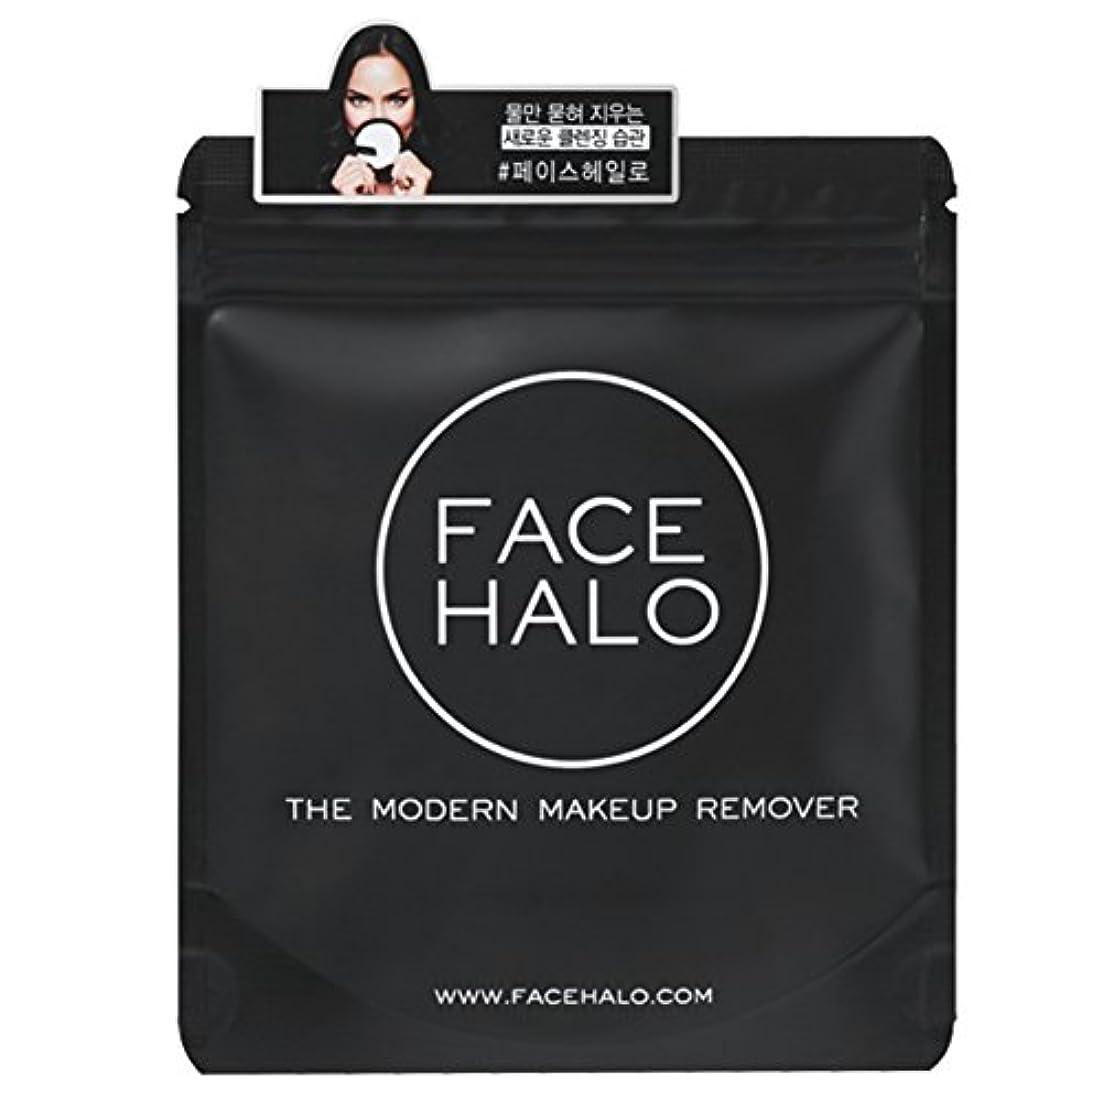 和更新するゴミ(顔ハロー) FACE HALO makeup remover, using water only 1 pieceメイクアップリムーバー、水のみ使用 1枚(並行輸入品) [並行輸入品]